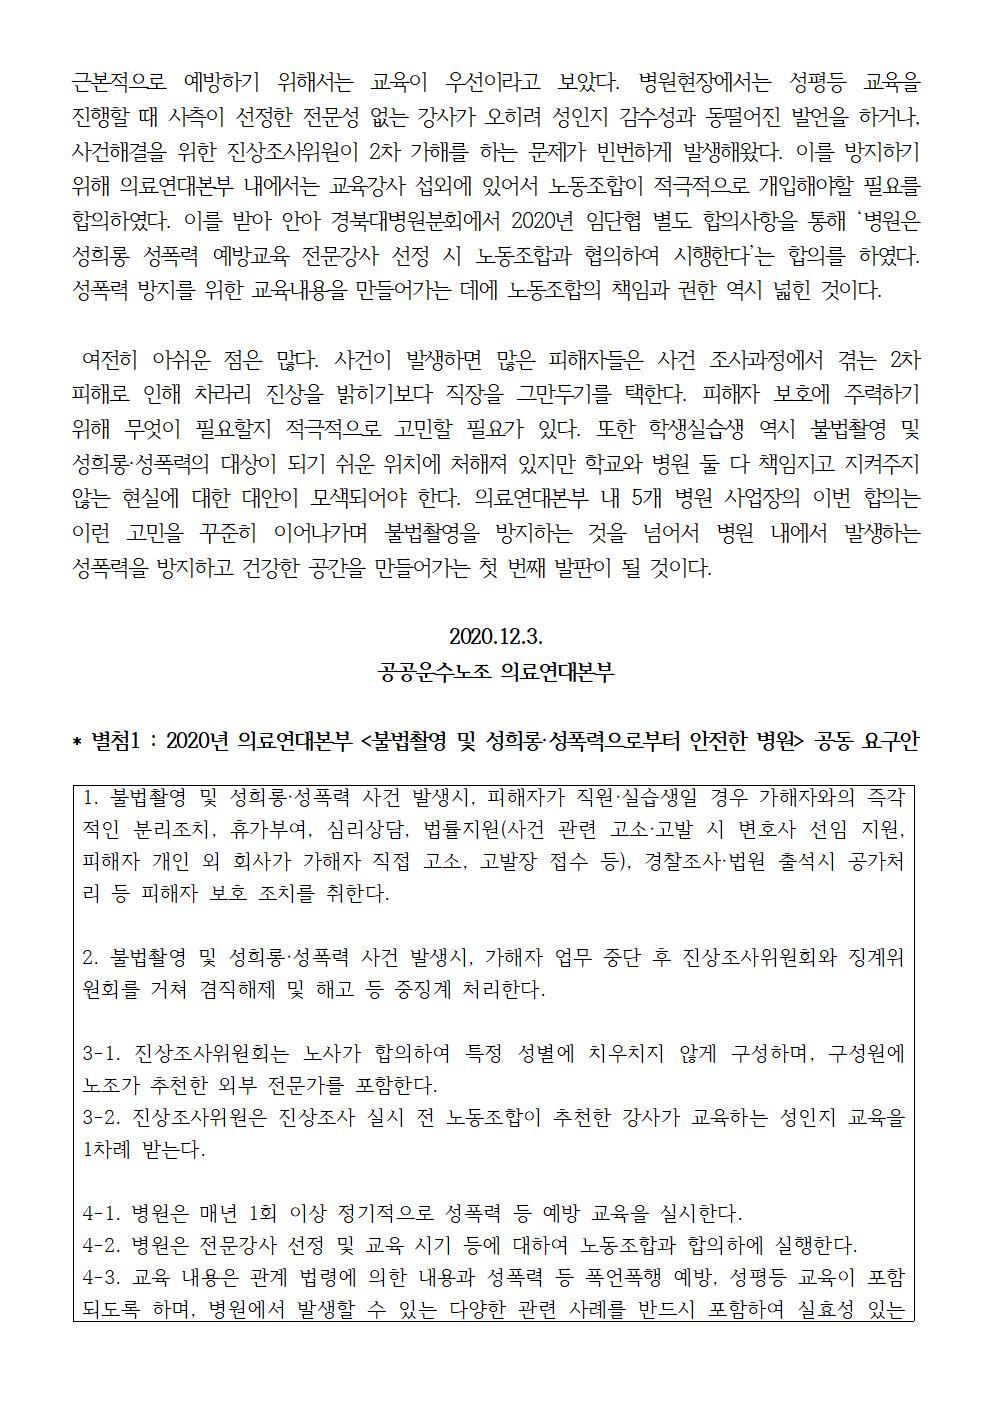 20201203_[성명]임단협 불법촬영 타결002.jpg